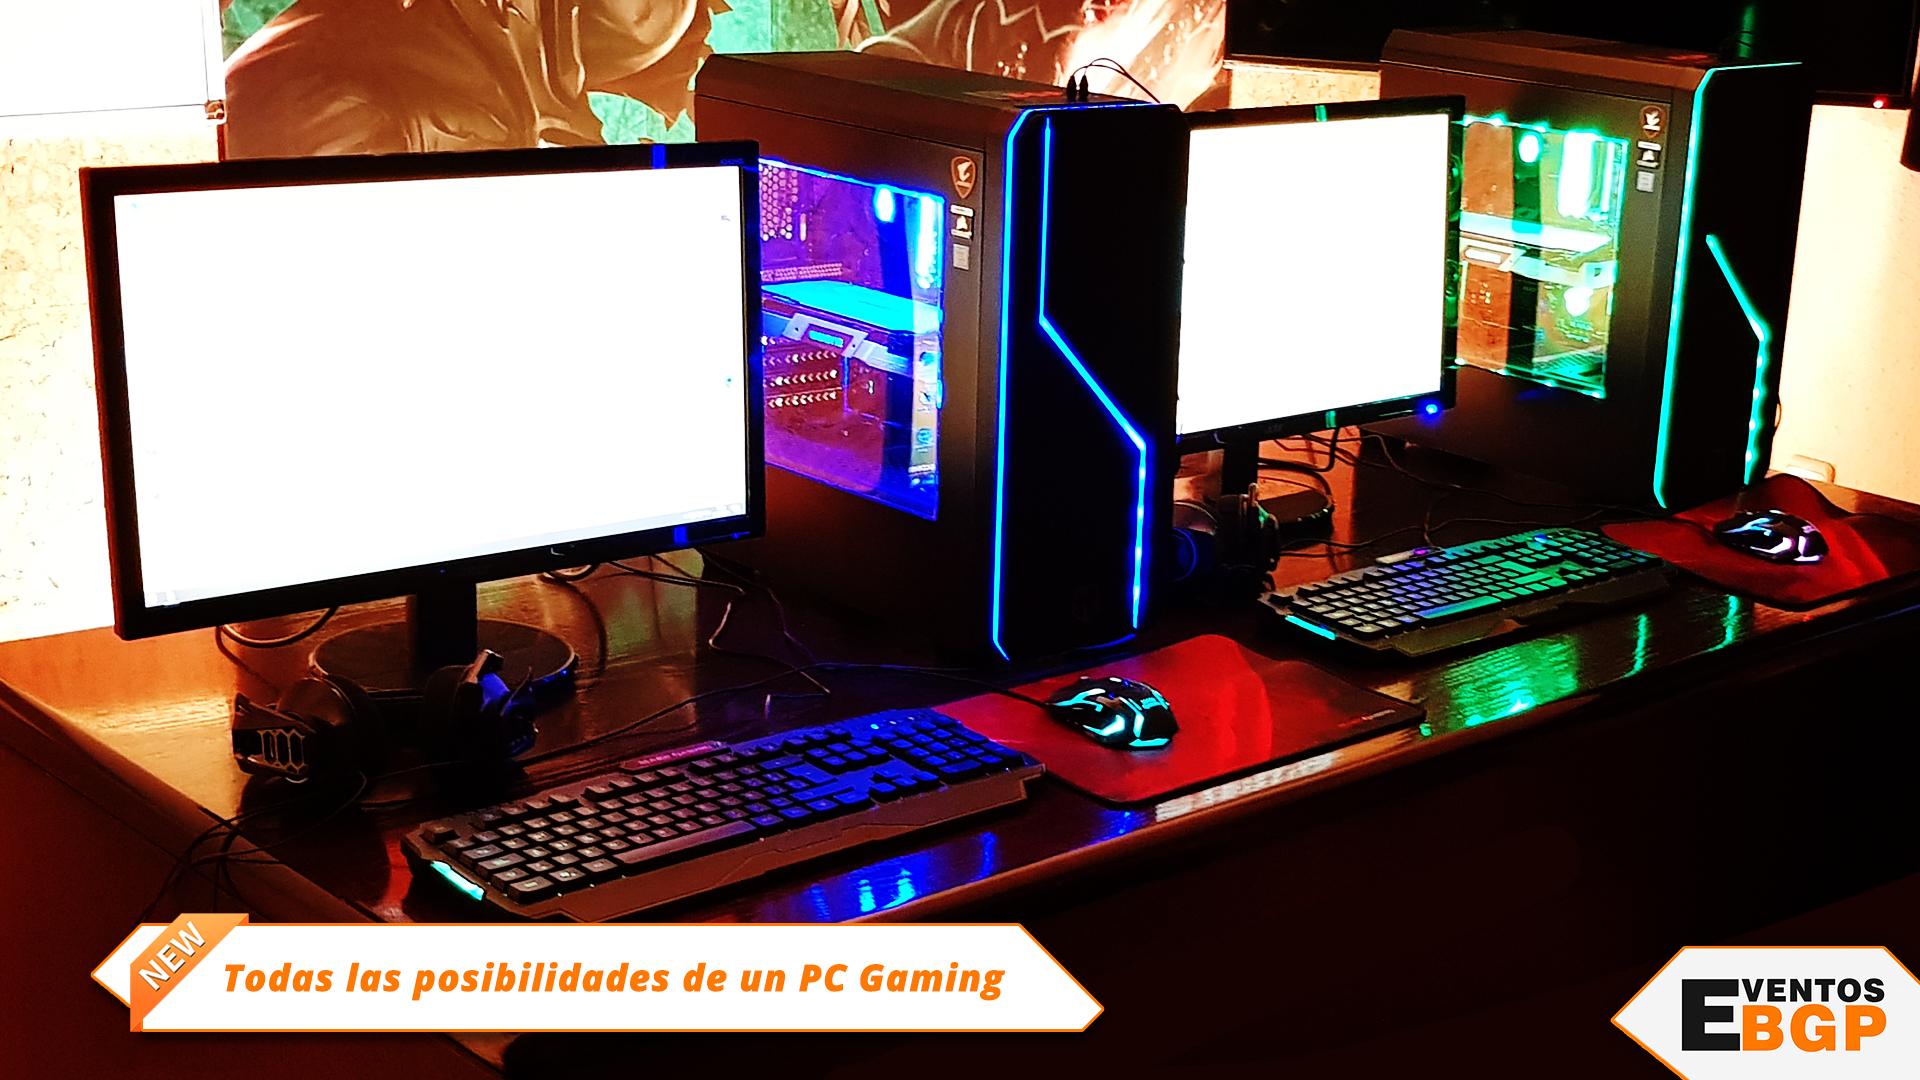 Posibilidades PC Gaming, talleres y cursos